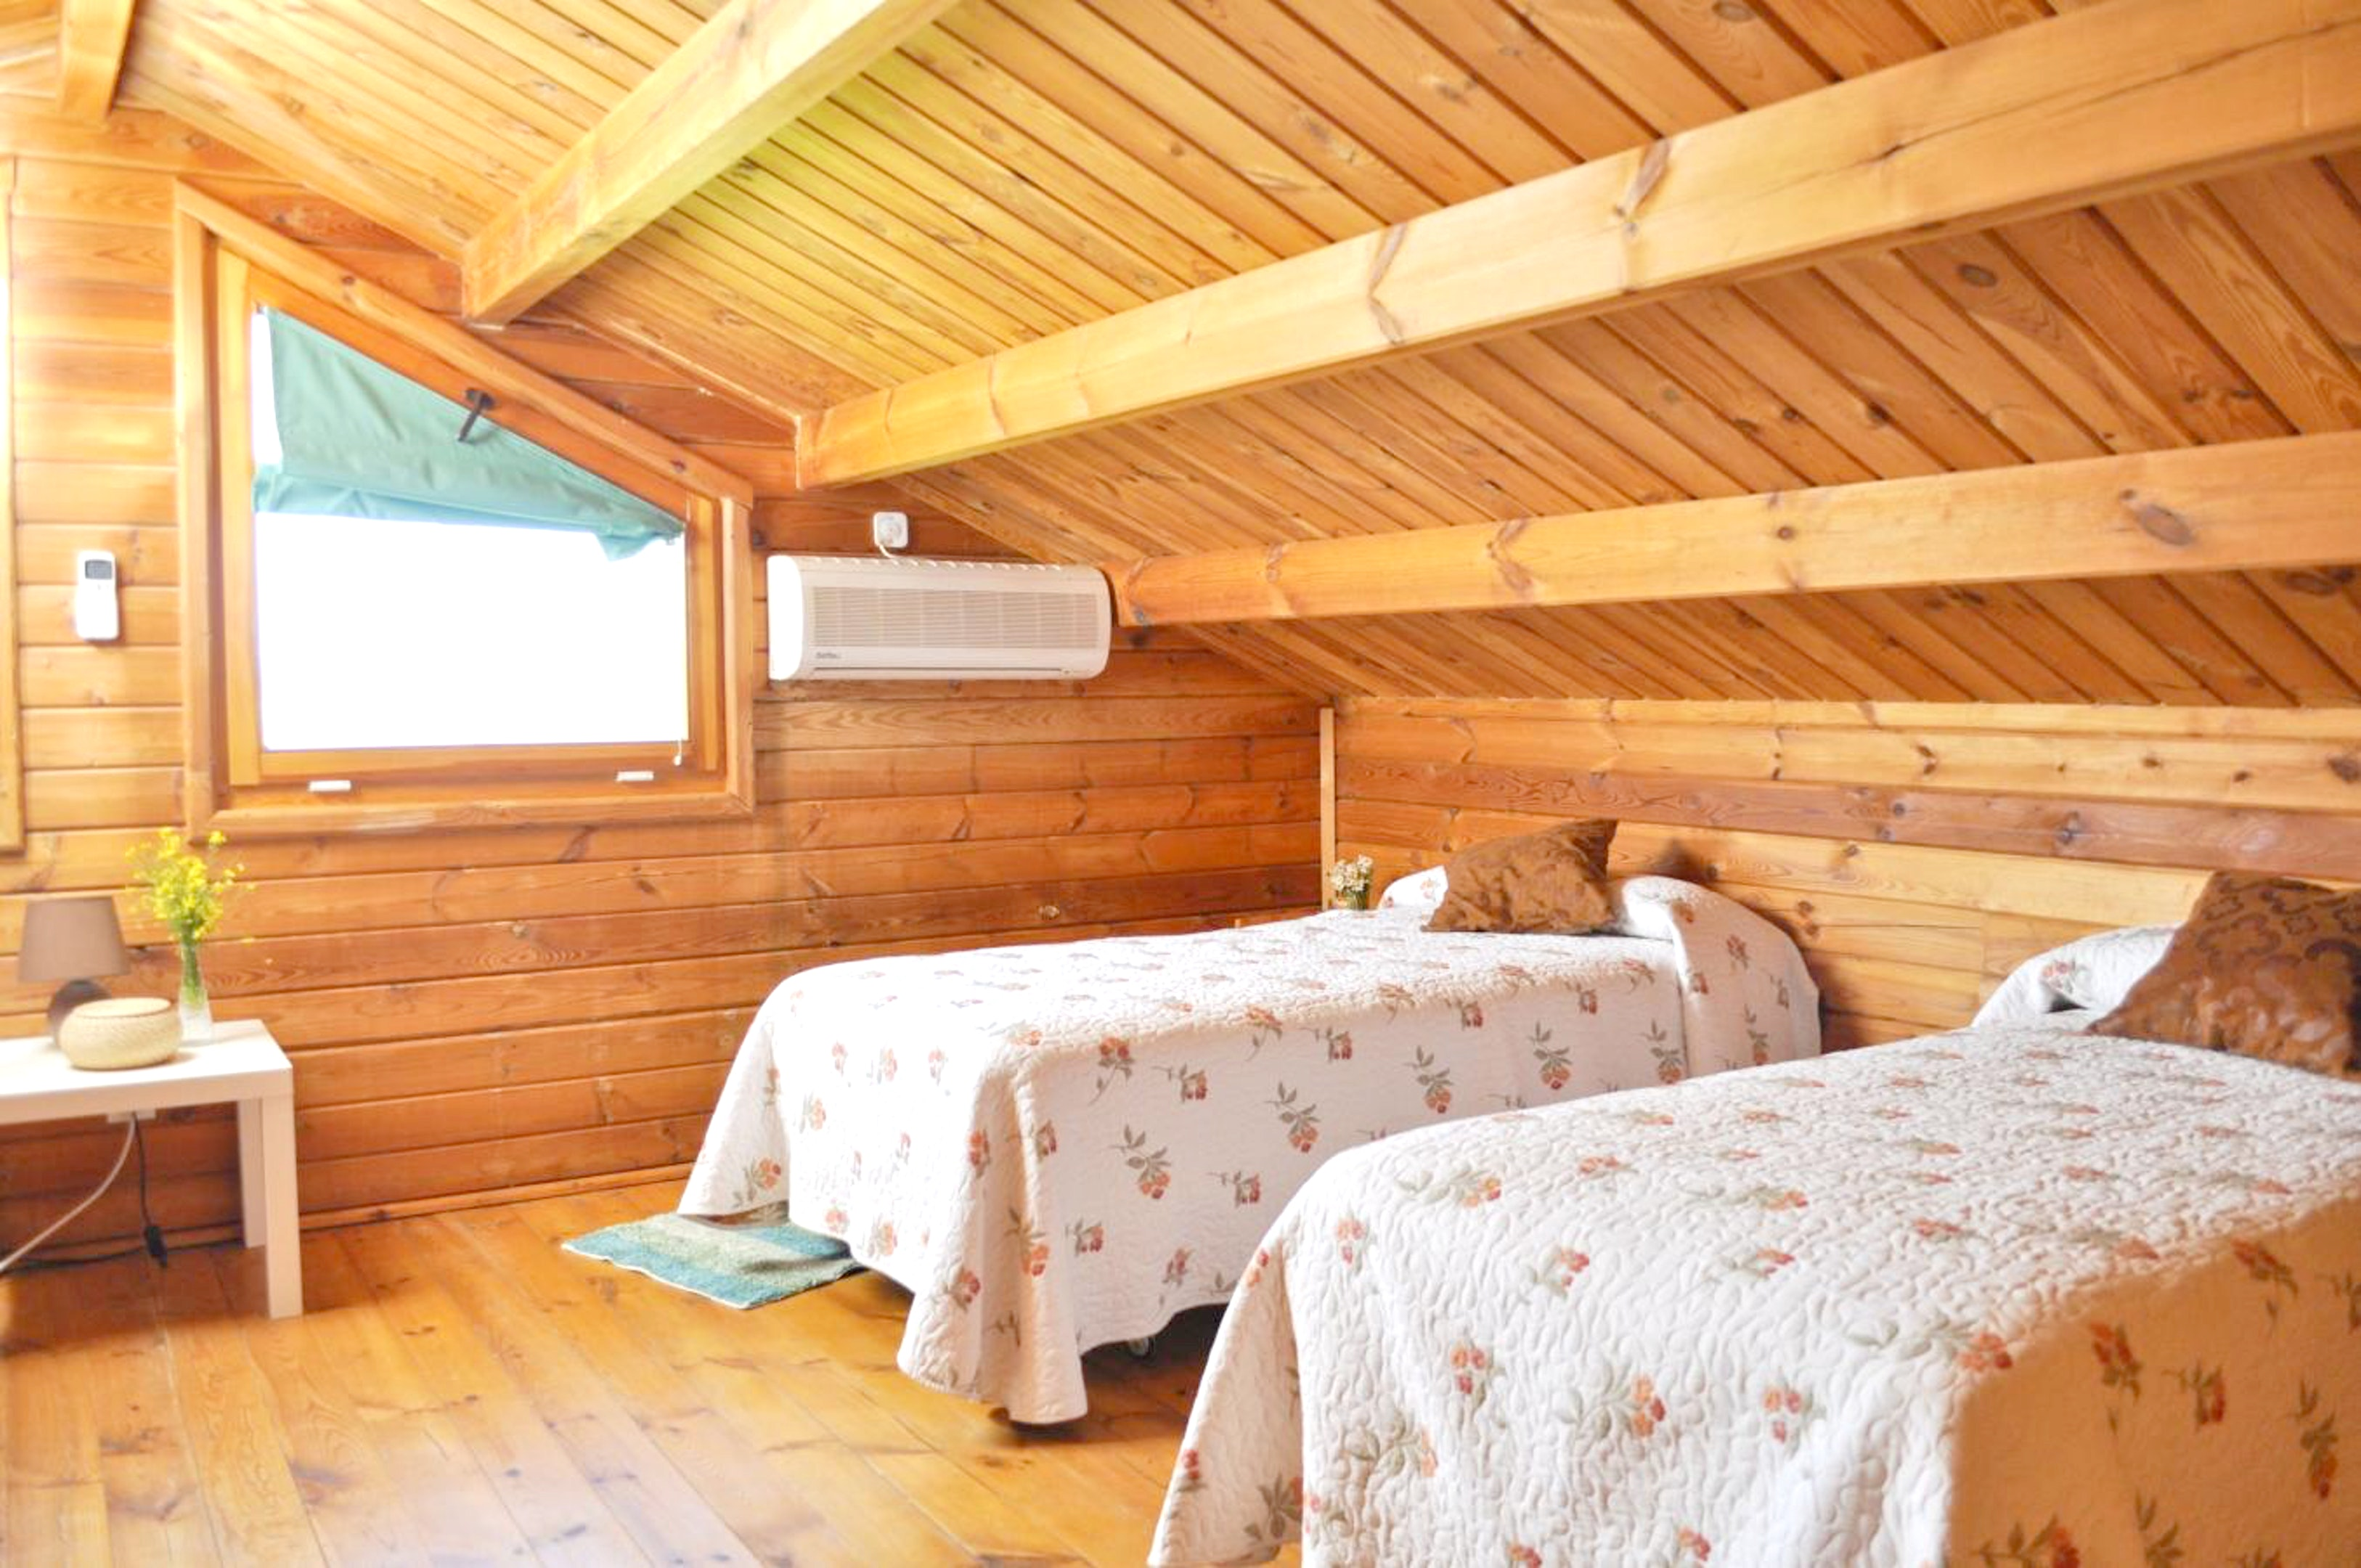 Ferienhaus Haus mit 3 Schlafzimmern in El Robledo mit toller Aussicht auf die Berge, Pool und eingezä (2529938), El Robledo, Ciudad Real, Kastilien-La Mancha, Spanien, Bild 8